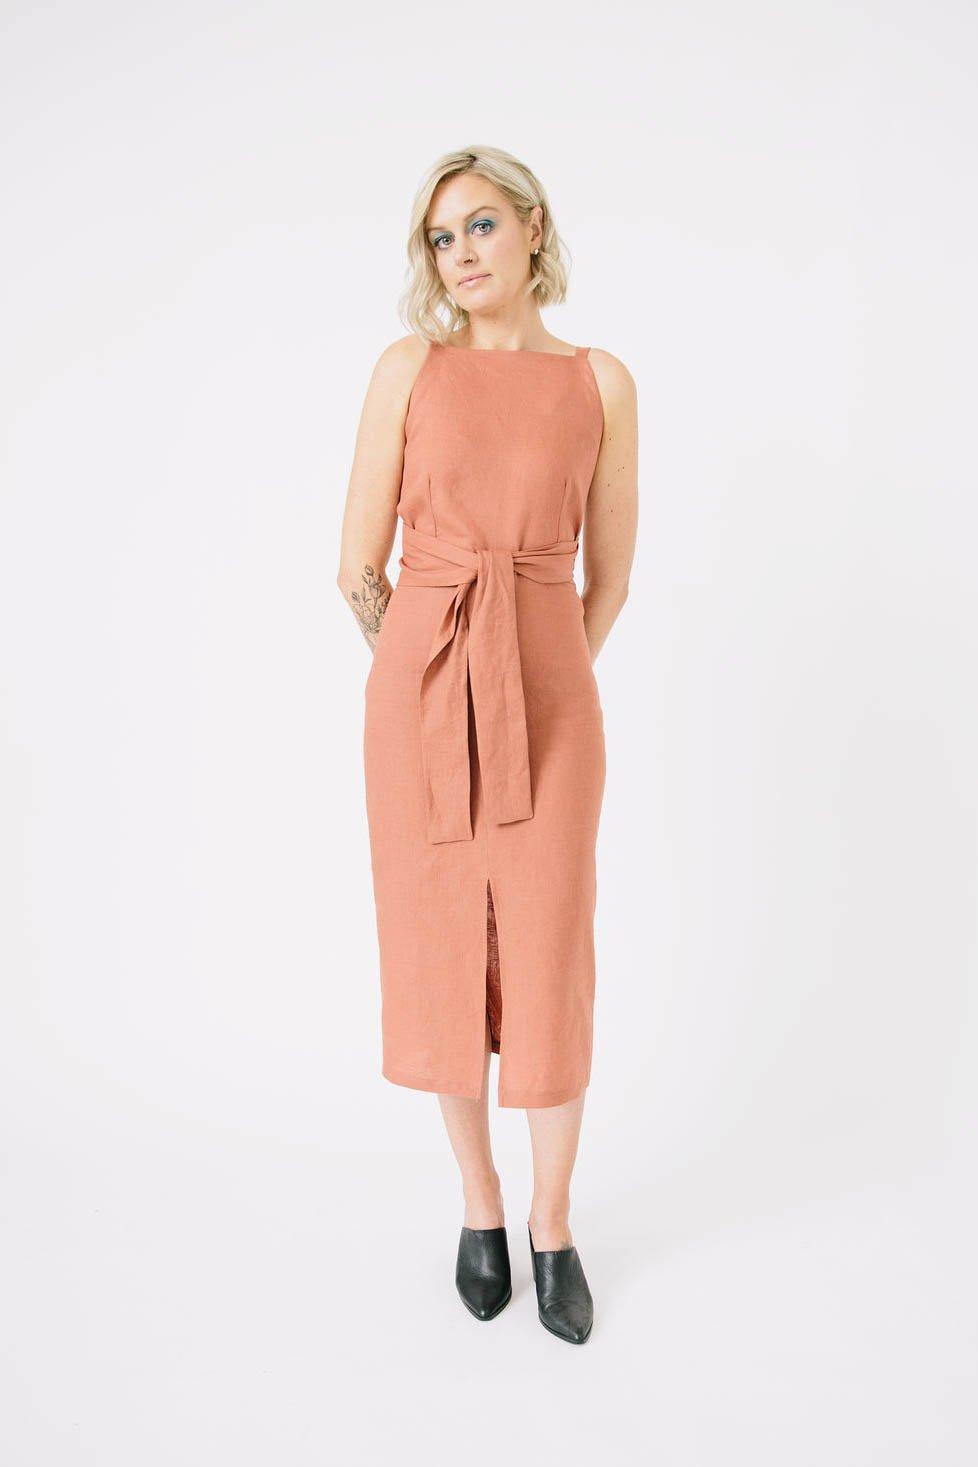 Axis Dress/Skirt - Papercut